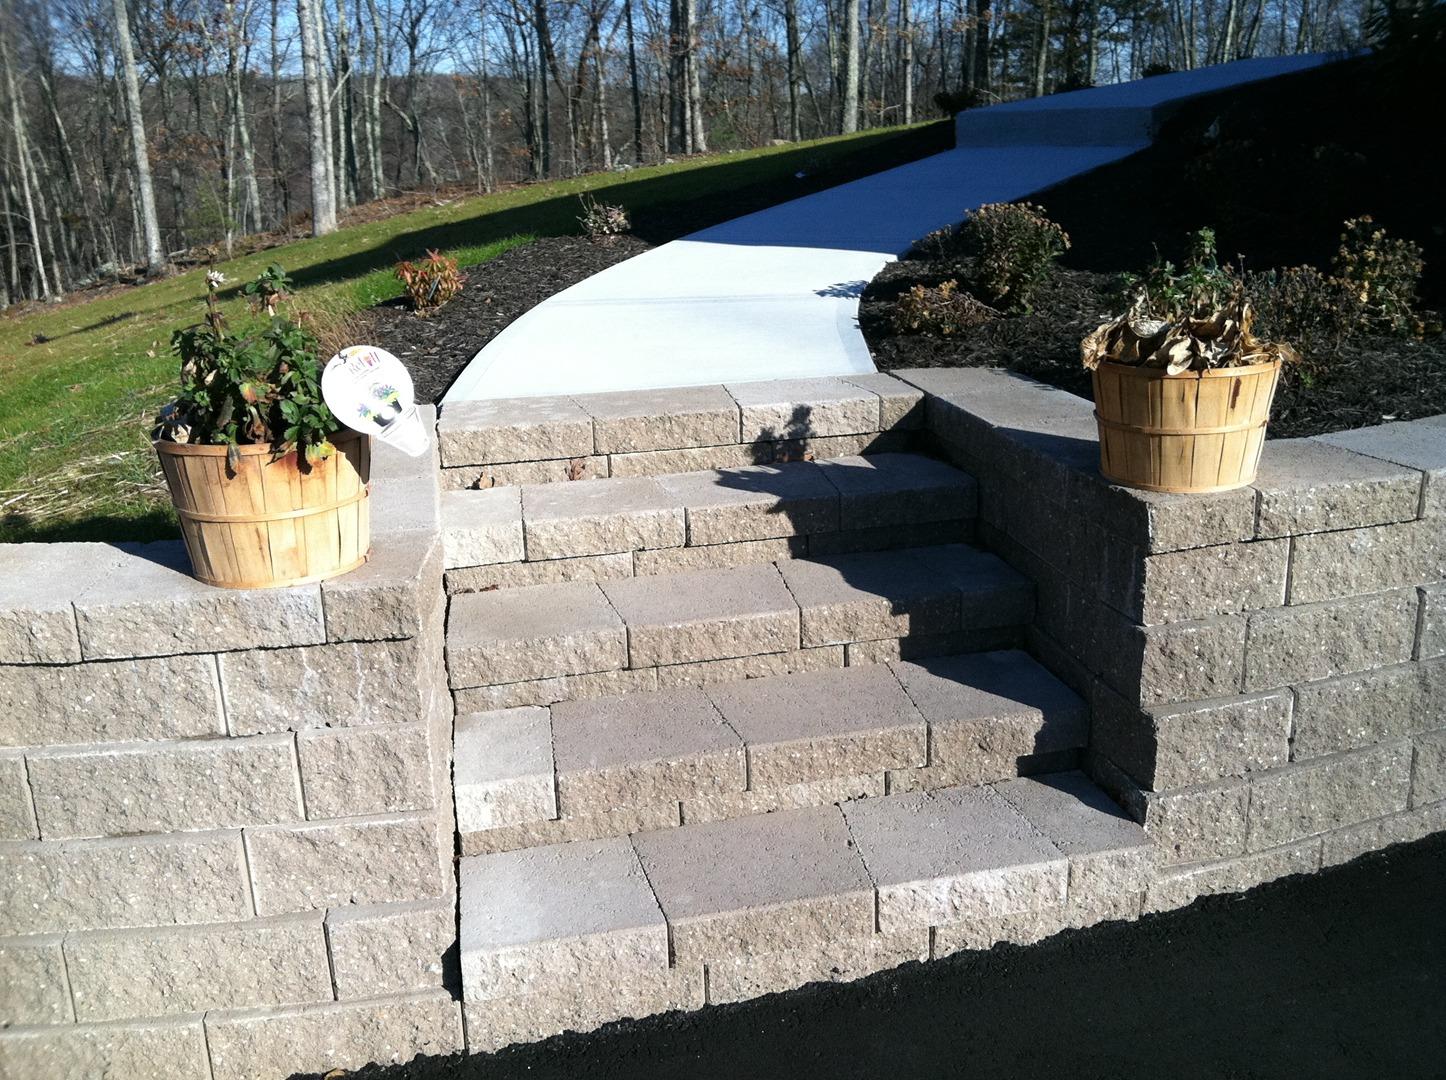 Versa-lok retaining wall and steps, bluestone steps